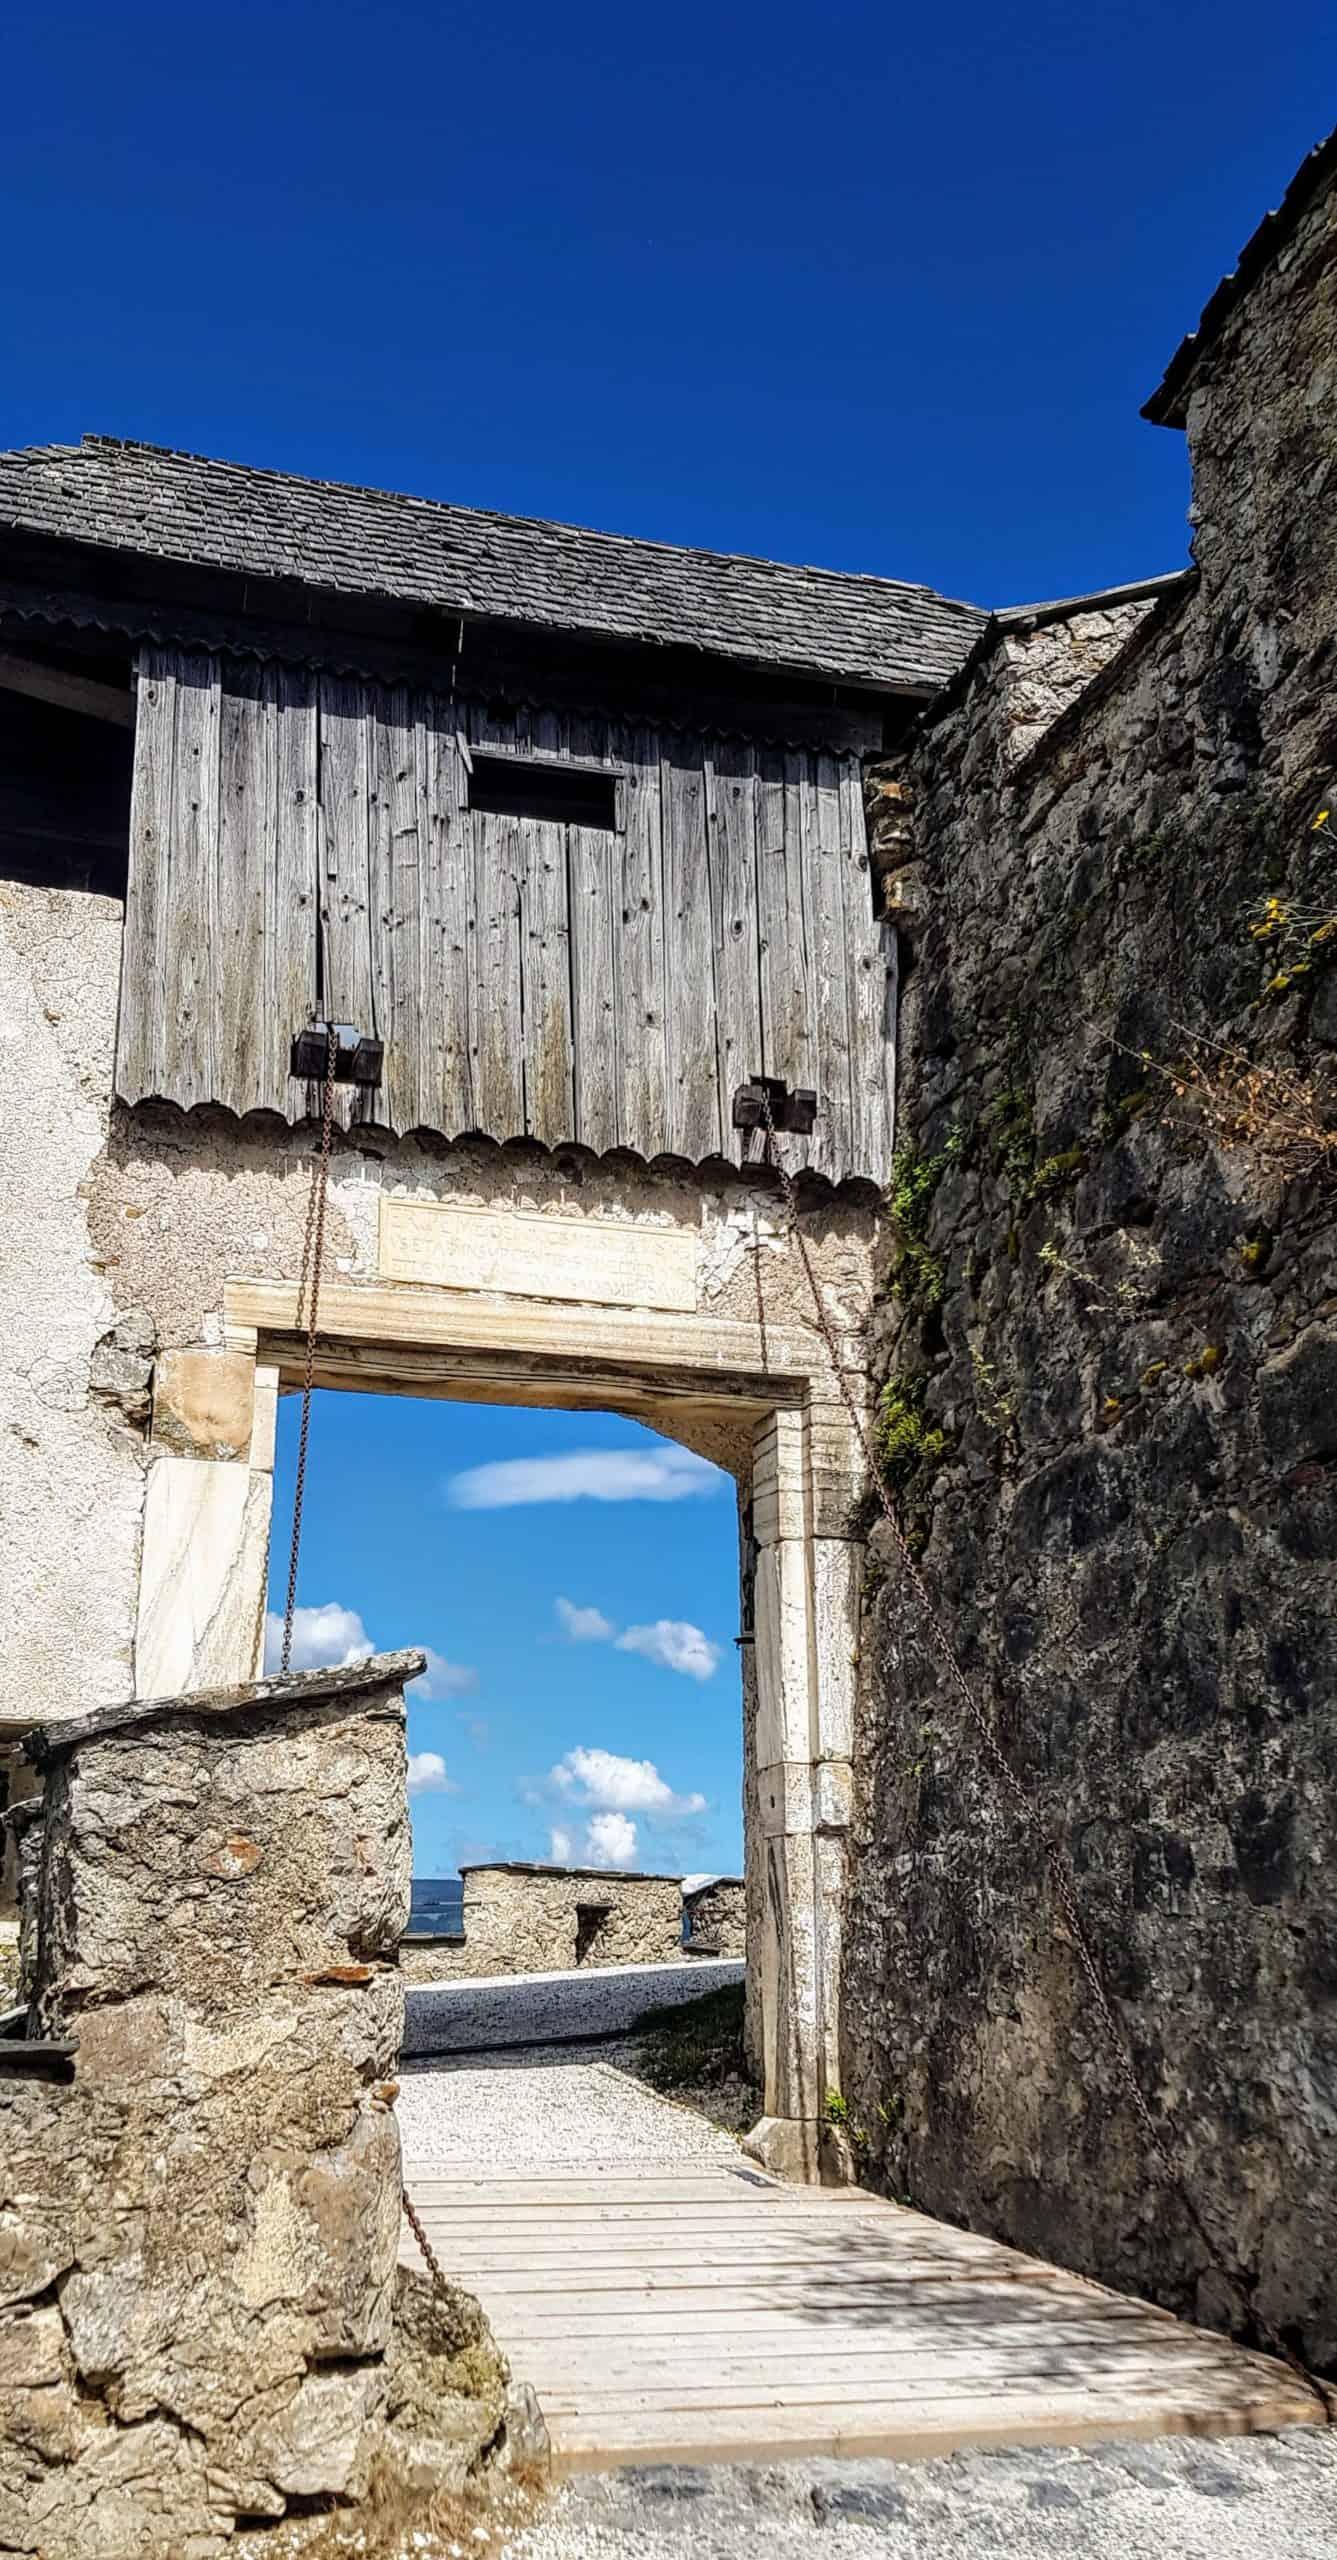 Brückentor - eines der 14 Burgtore der Burg Hochosterwitz in Kärnten, Nähe Klagenfurt am Wörthersee und St. Veit